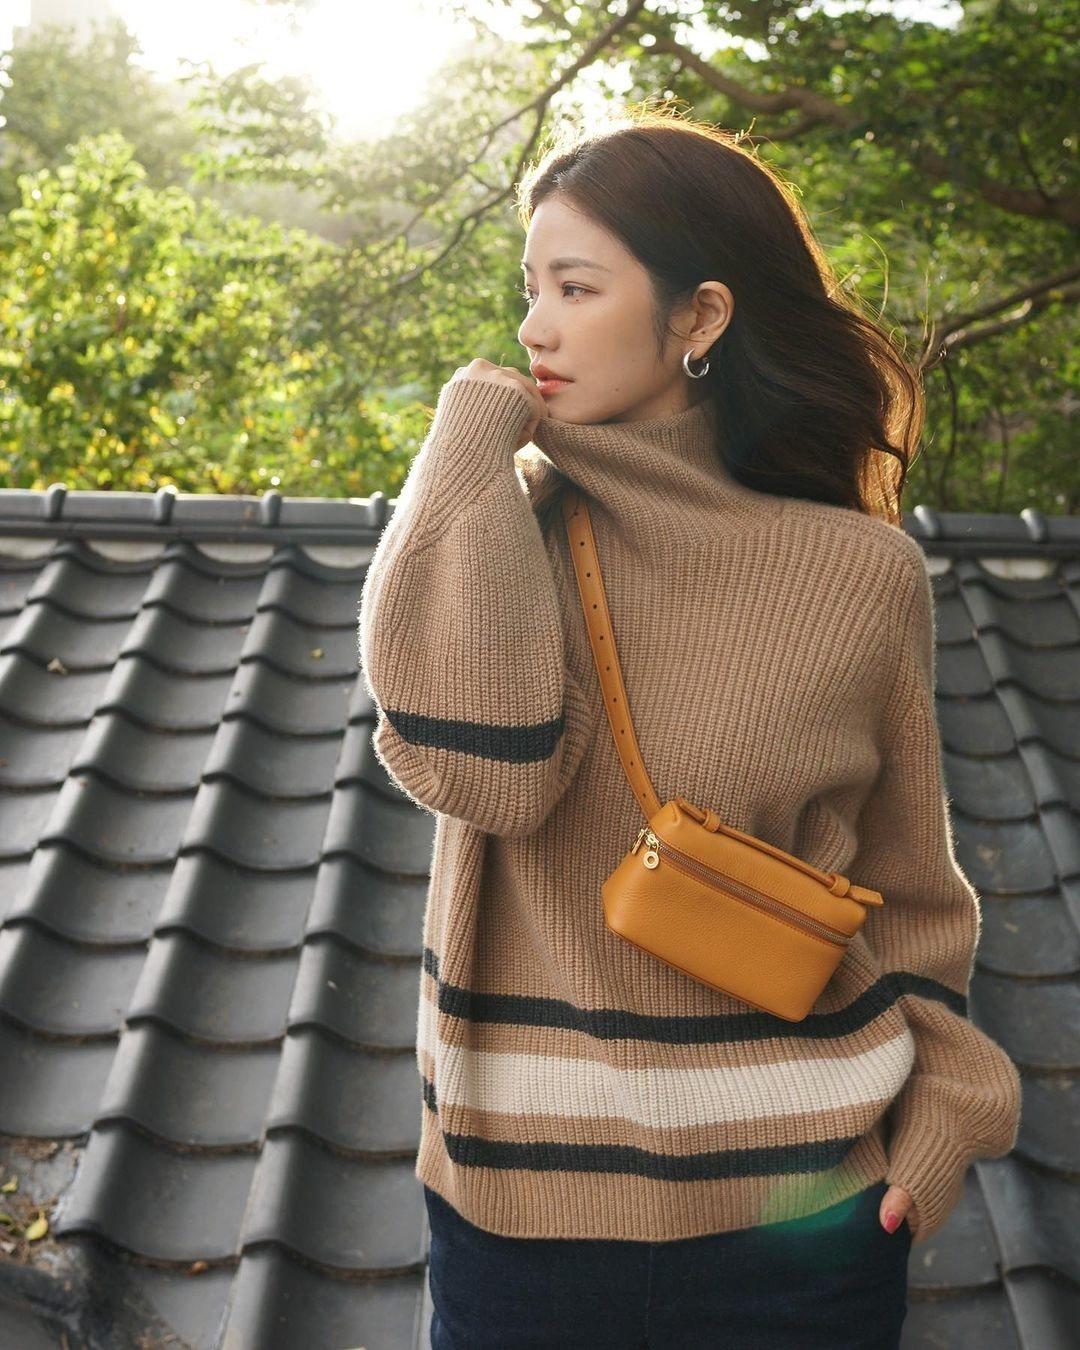 許路兒表示駝色是秋冬季最適合展現知性、氣質的選色。 圖/取自IG